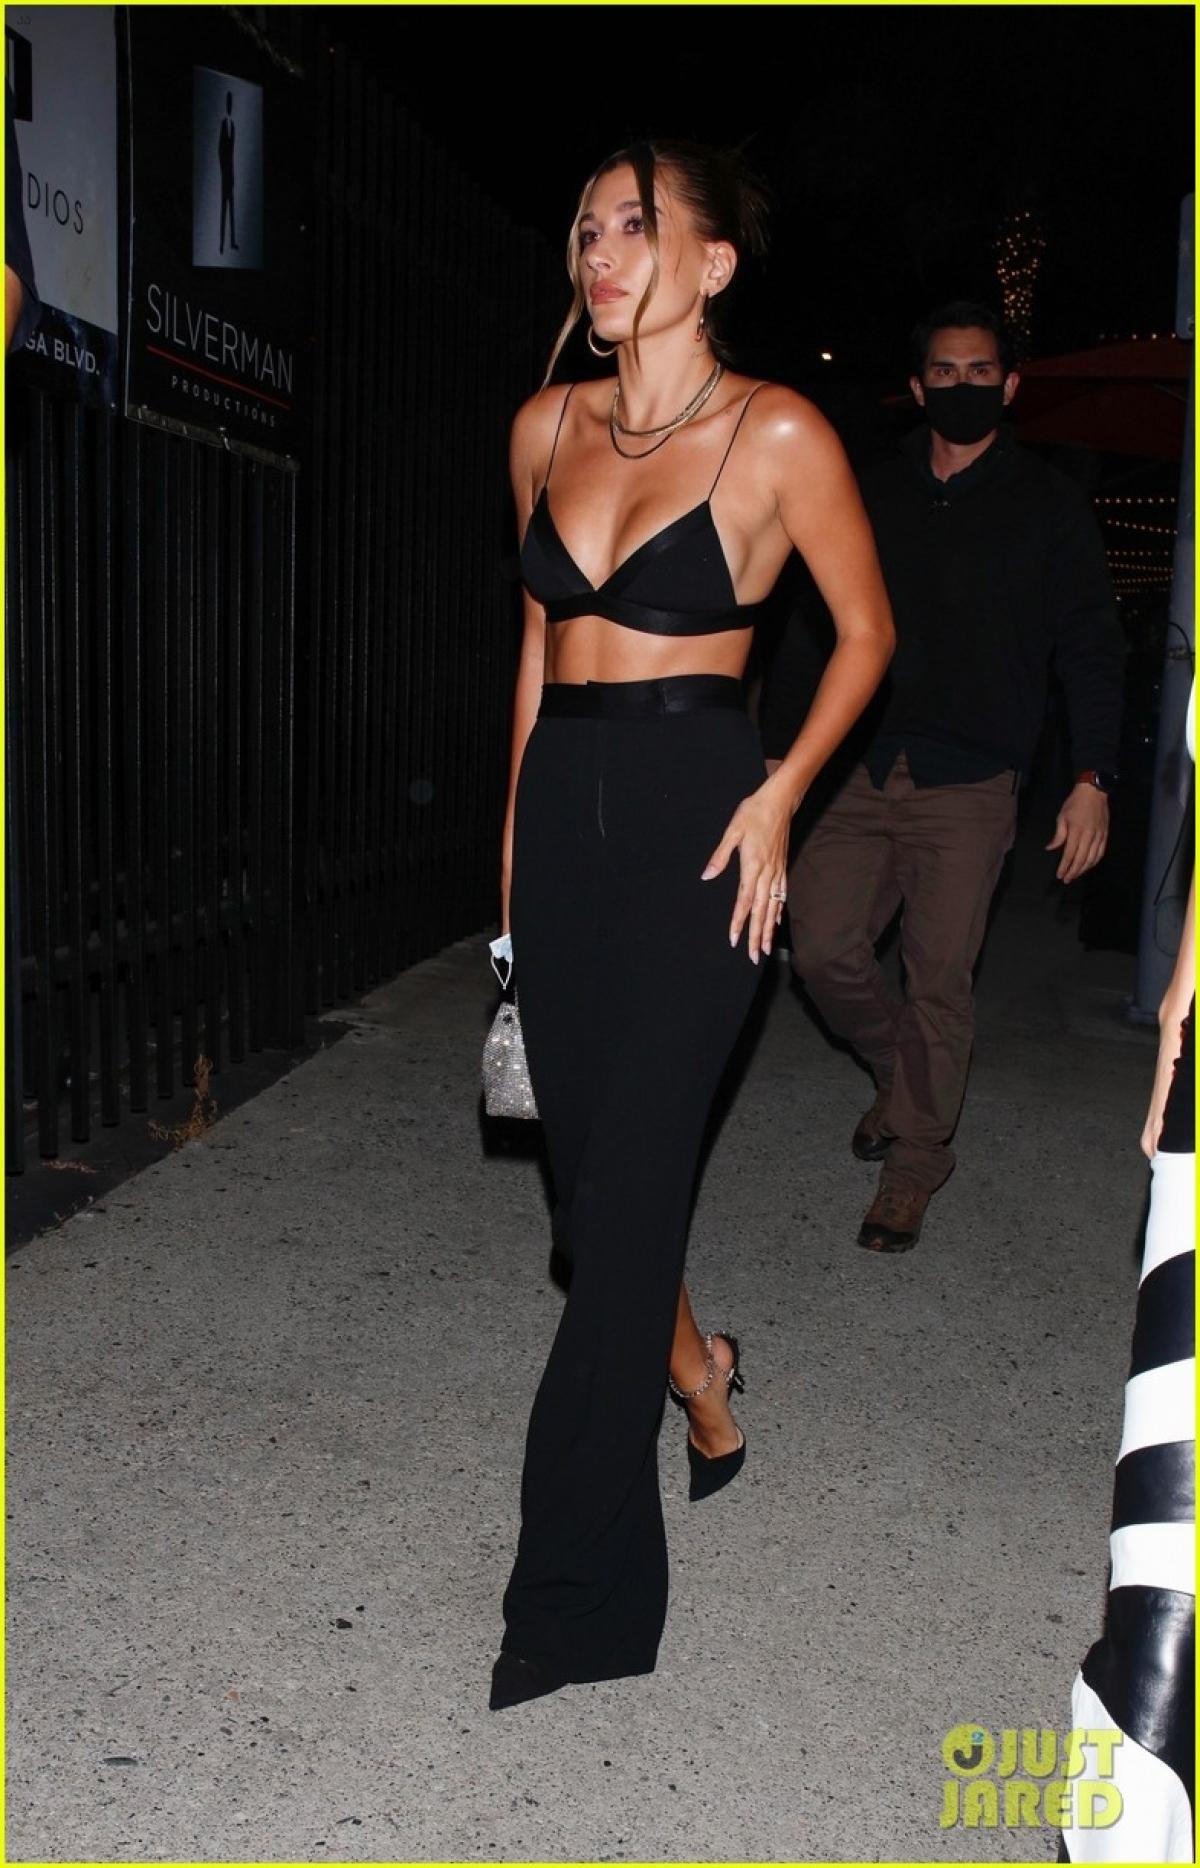 Mới đây, Hailey Baldwin và Kendall Jenner vui vẻ đi dự tiệc sinh nhật người bạn Stassie Karanikolaou tại nhà hàng sang trọng ở Los Angeles. Bà xã Justin Bieber diện đồ gợi cảm khoe dáng thanh mảnh.